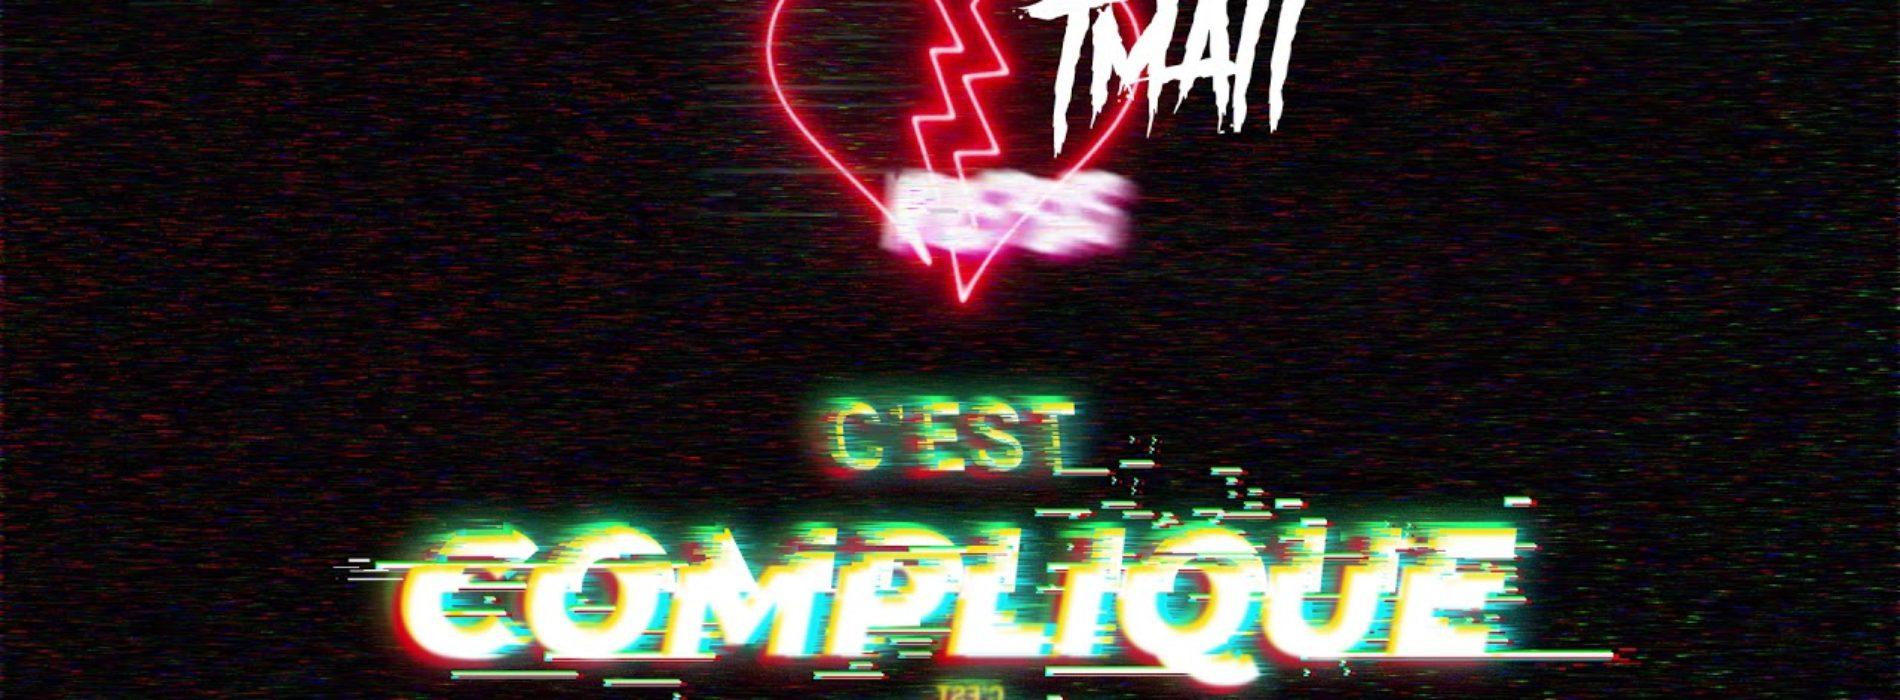 An'Sow – C'est Compliqué (Clip Video) / T MATT – C'est compliqué (Audio)- Mars 2019